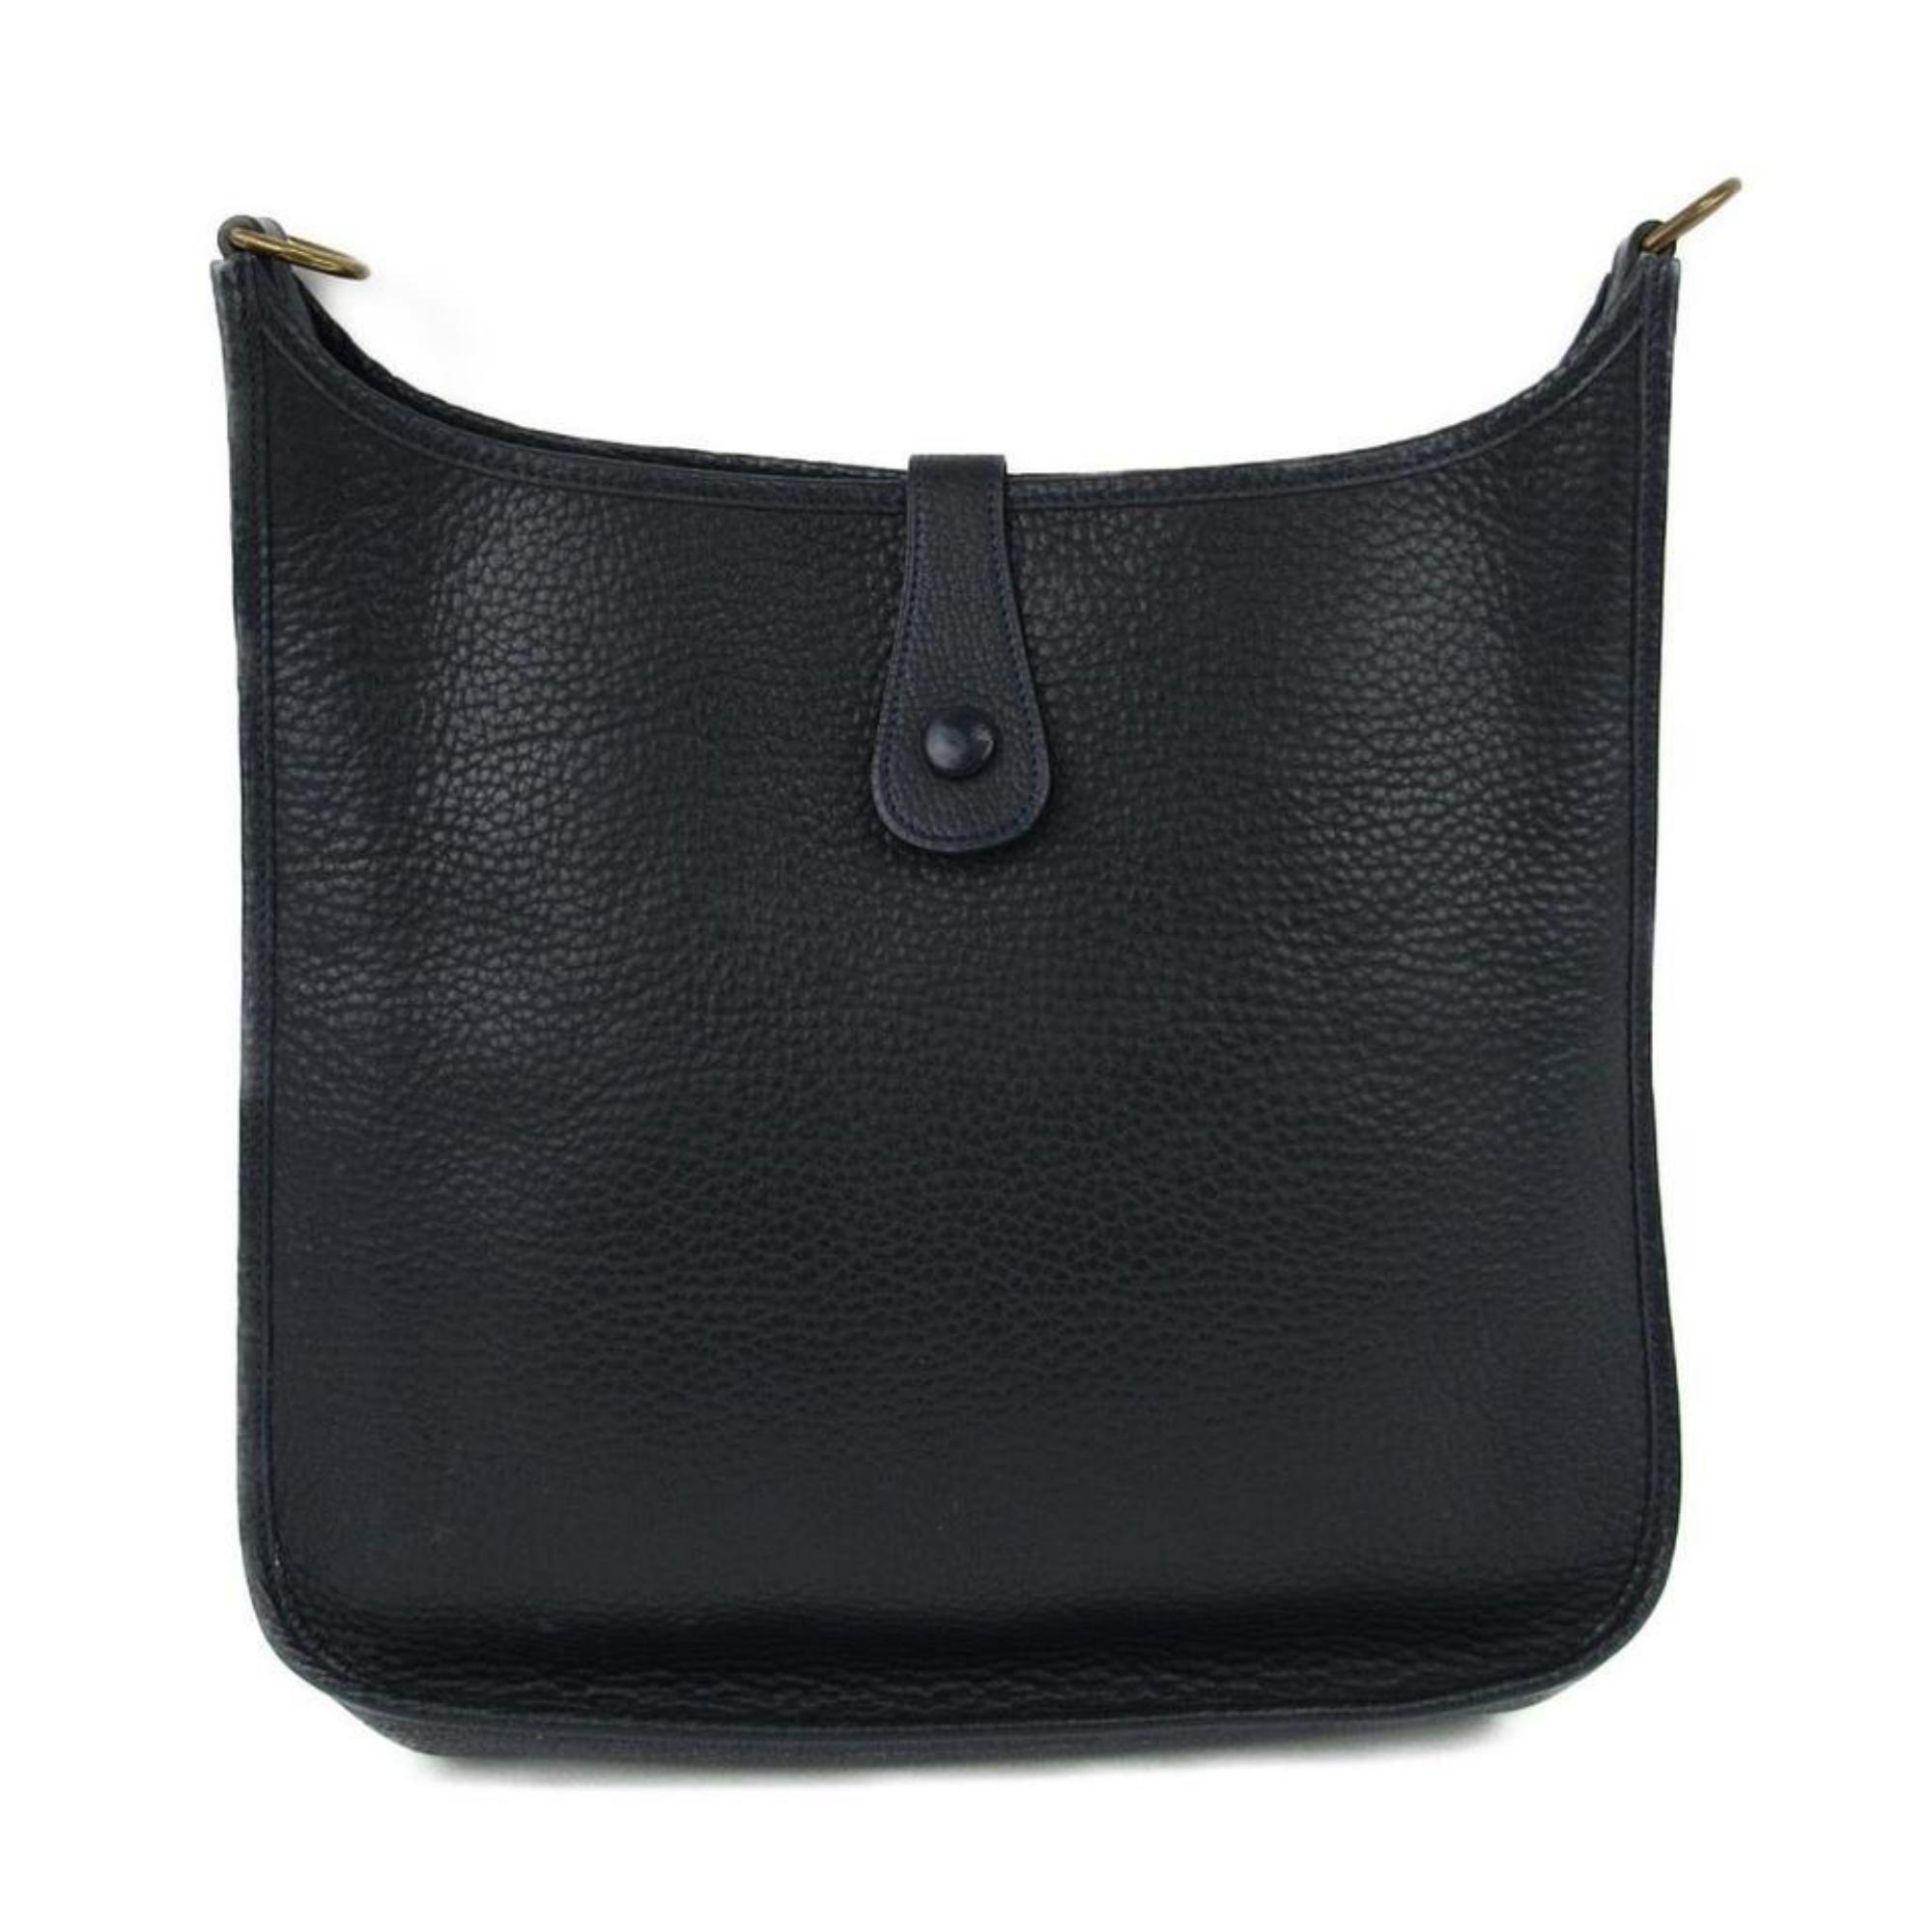 9aec18cdd27d Hermès Evelyne Navy Togo Gm 868787 Blue Leather Messenger Bag For Sale at  1stdibs